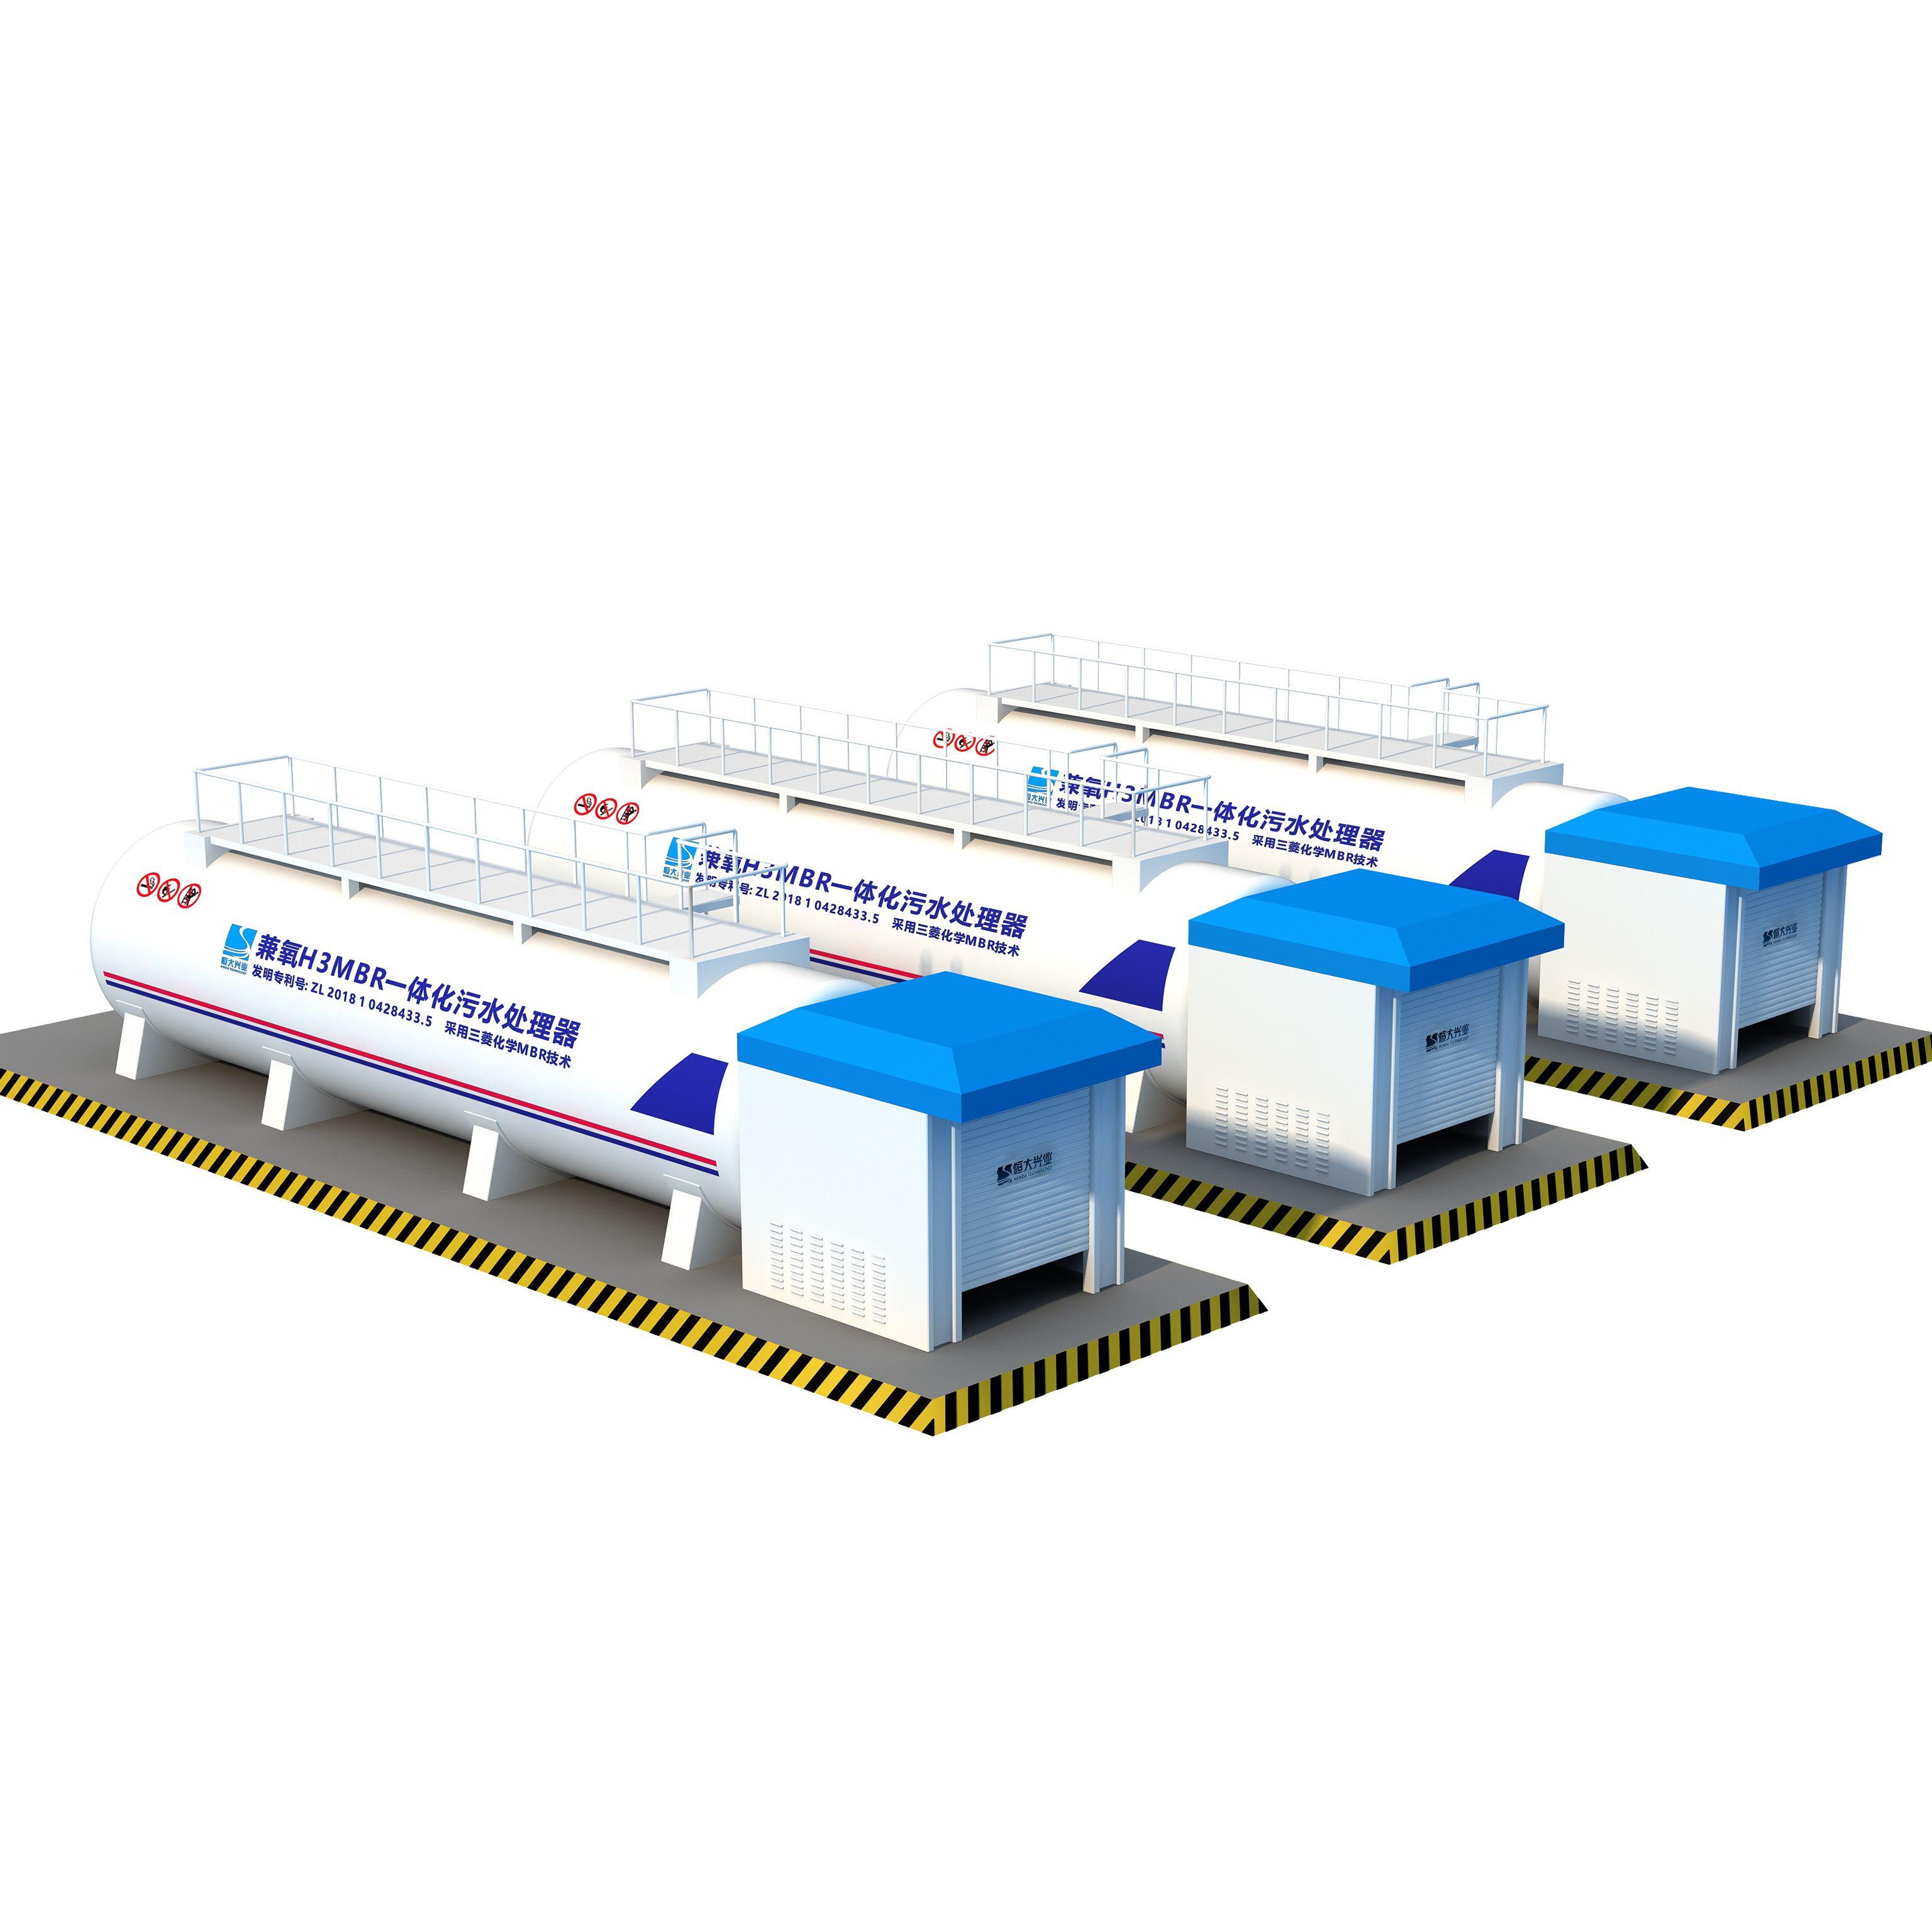 兼氧H3MBR 农村生活污水一体化设备 工艺首要选择 HDMBR-300t